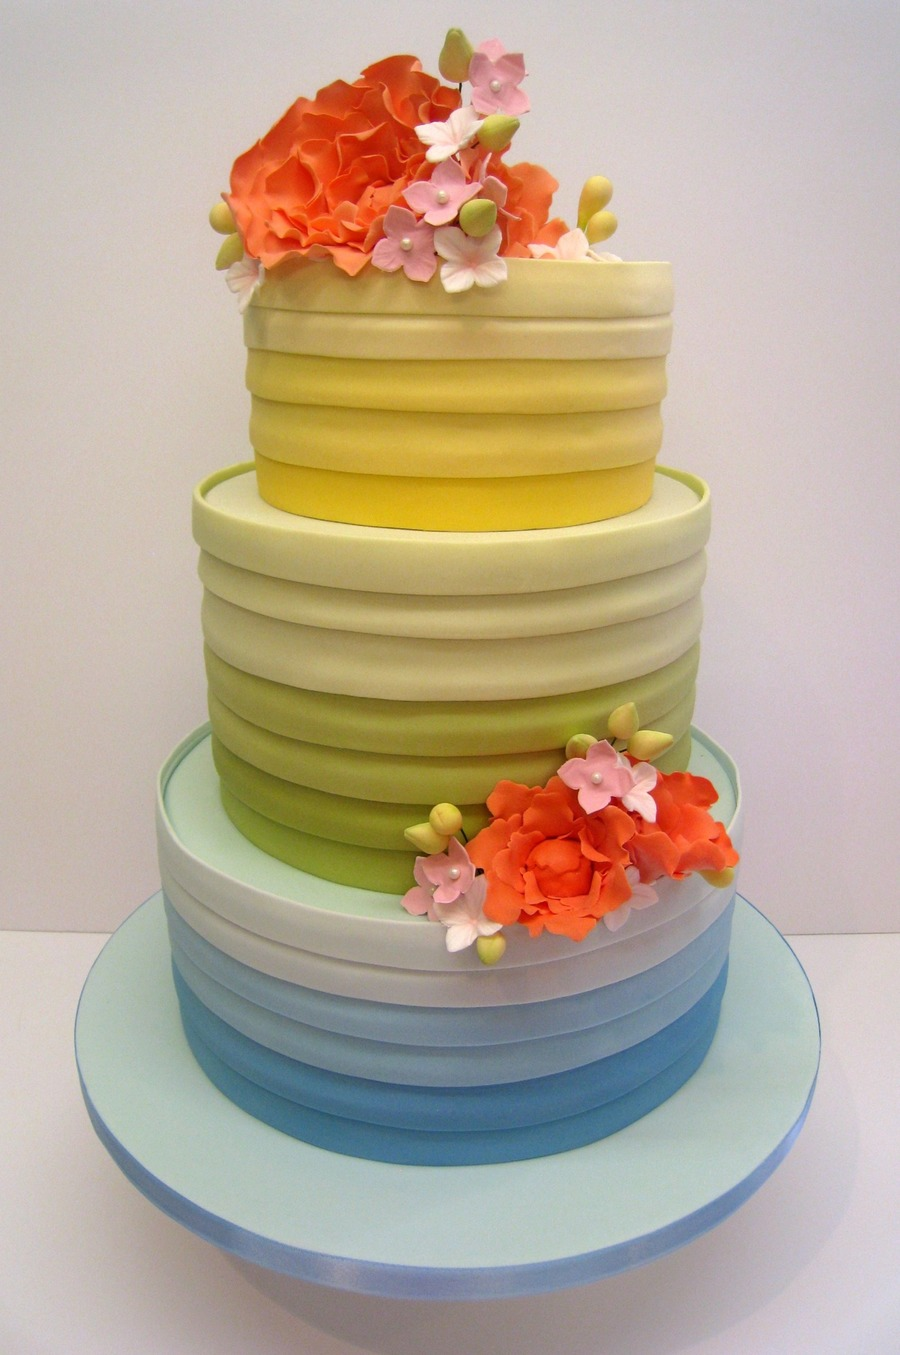 Rainbow Colours Wedding Cake For A Bride Having A Rainbow Themed ...